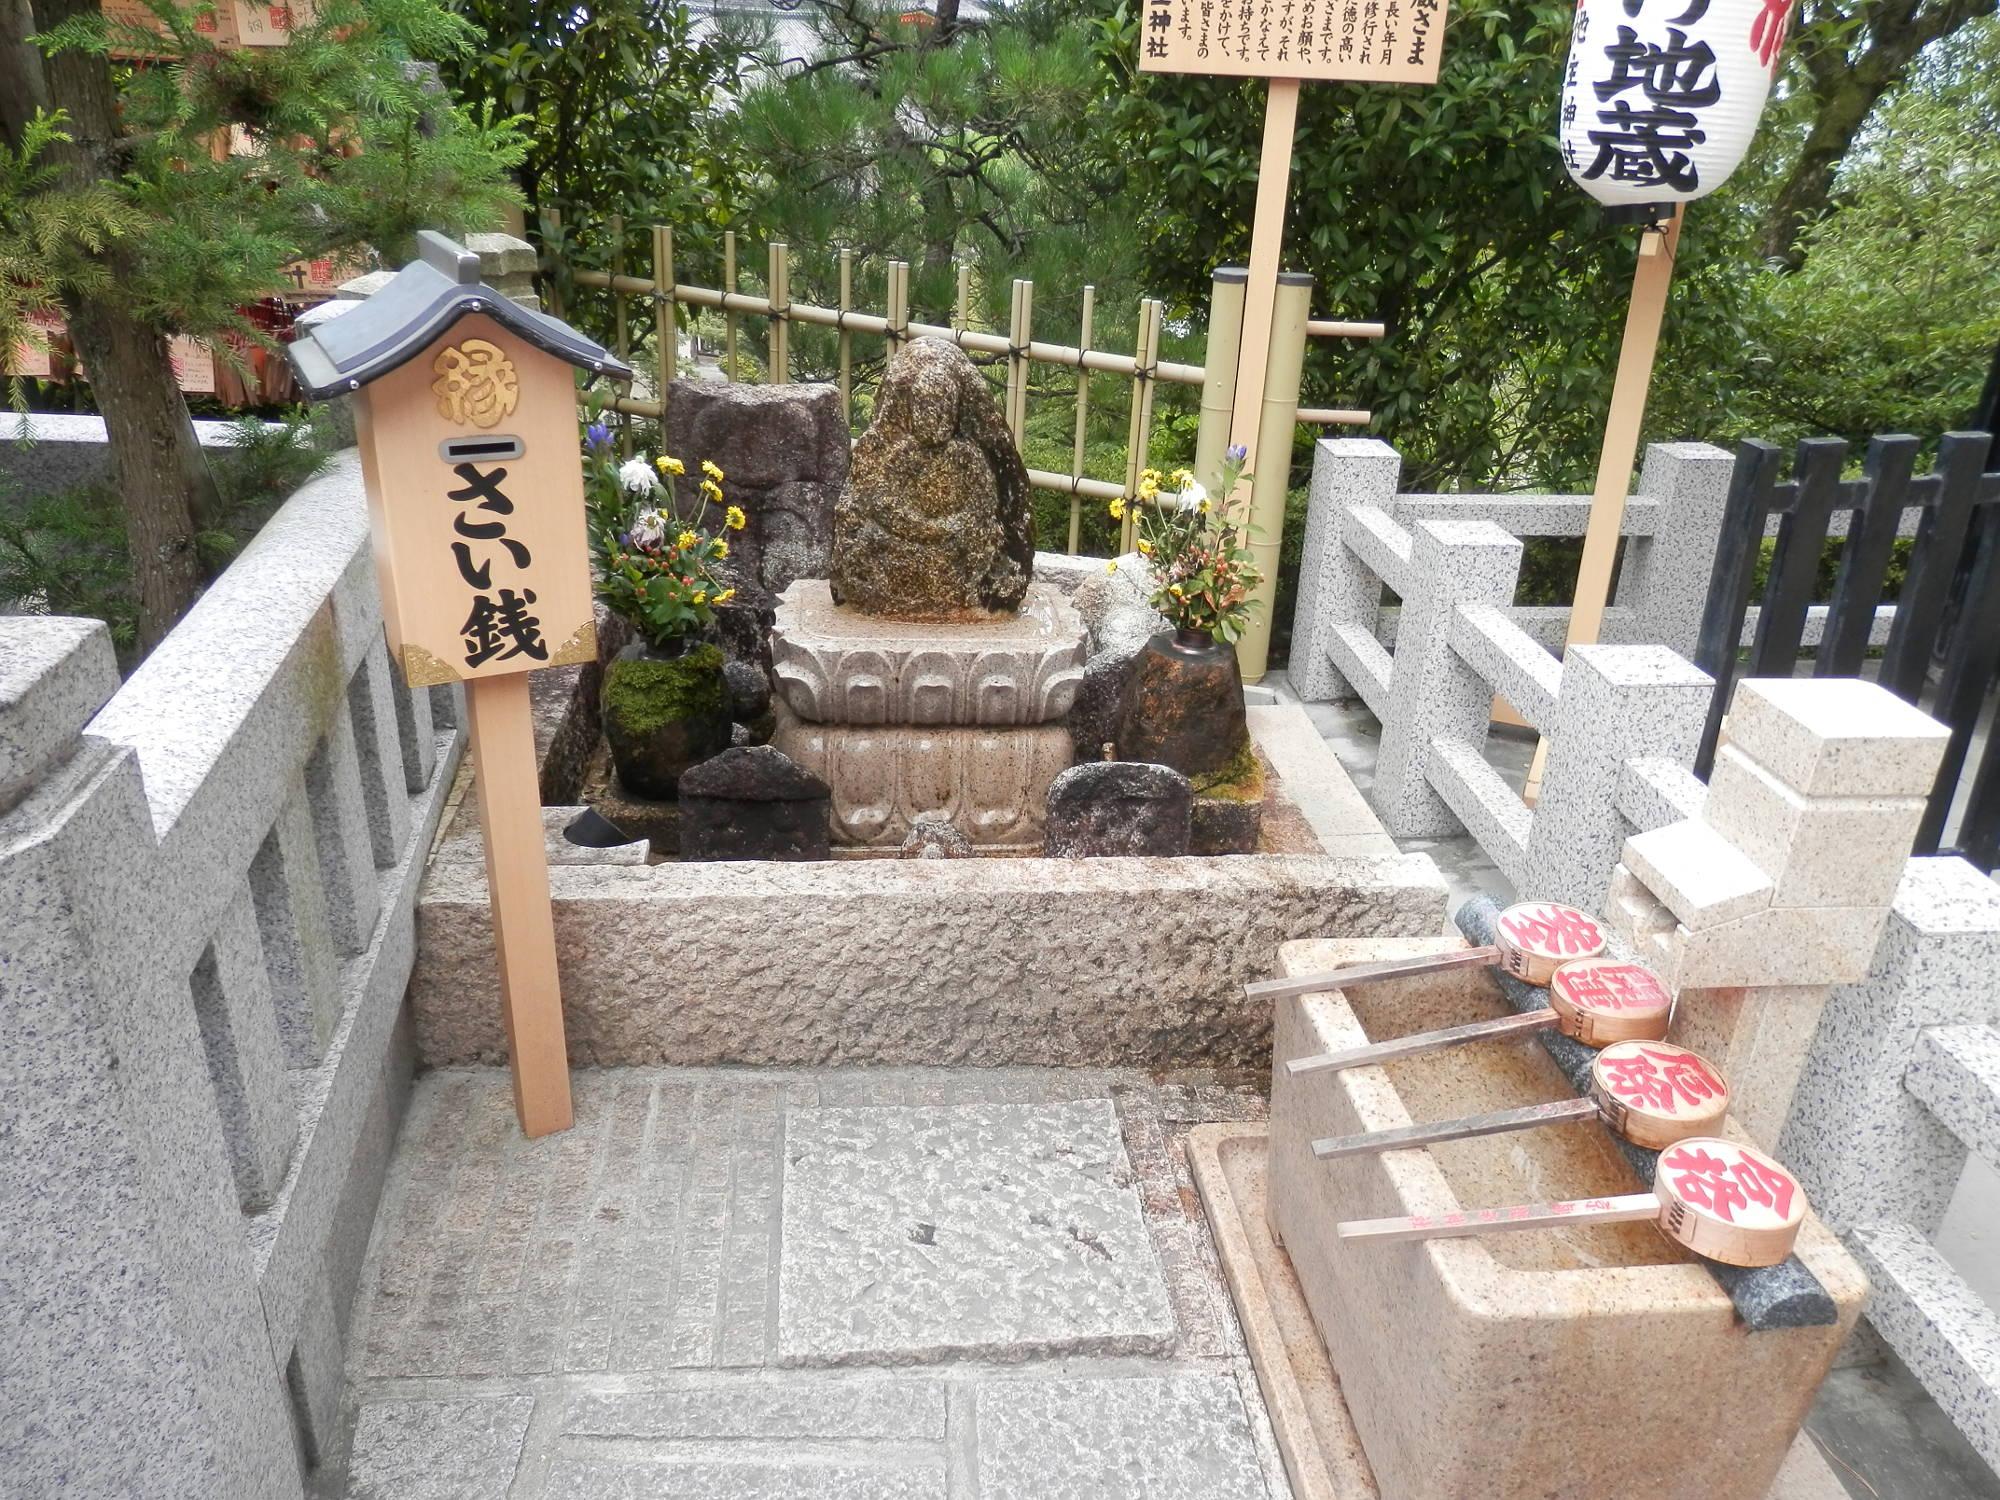 清水寺地主神社 水かけ地蔵